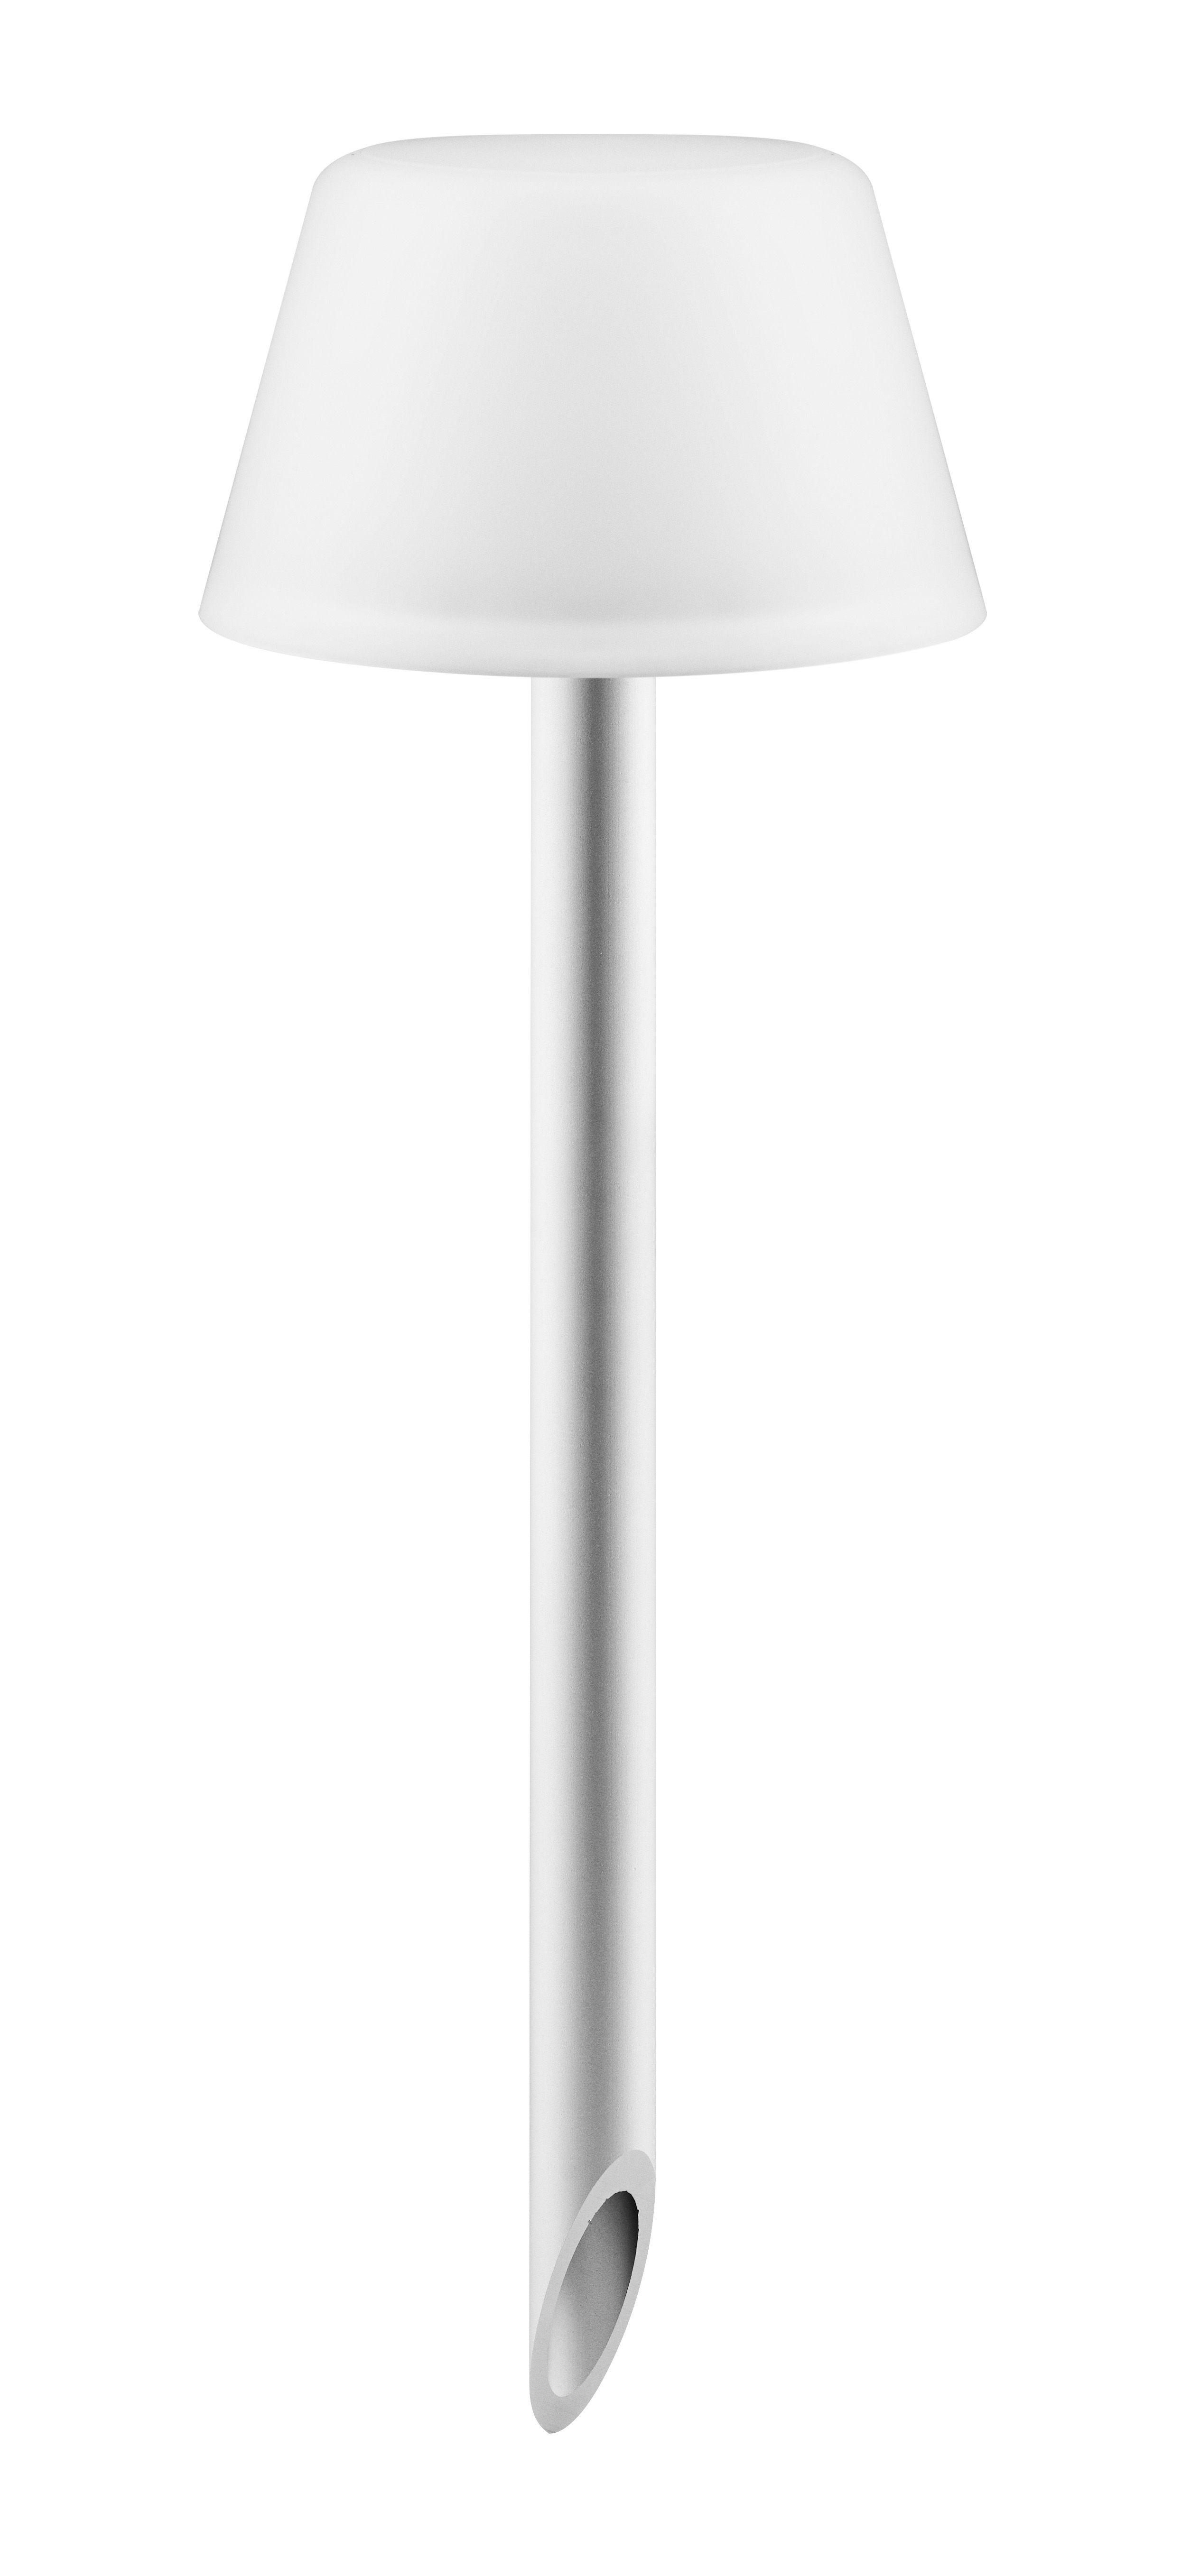 Illuminazione - Illuminazione da esterni - Lampada Sunlight - da piantare H  38 cm / Energia solare - Senza fili di Eva Solo - Bianco / Piede alluminio - Alluminio anodizzato, Vetro smerigliato